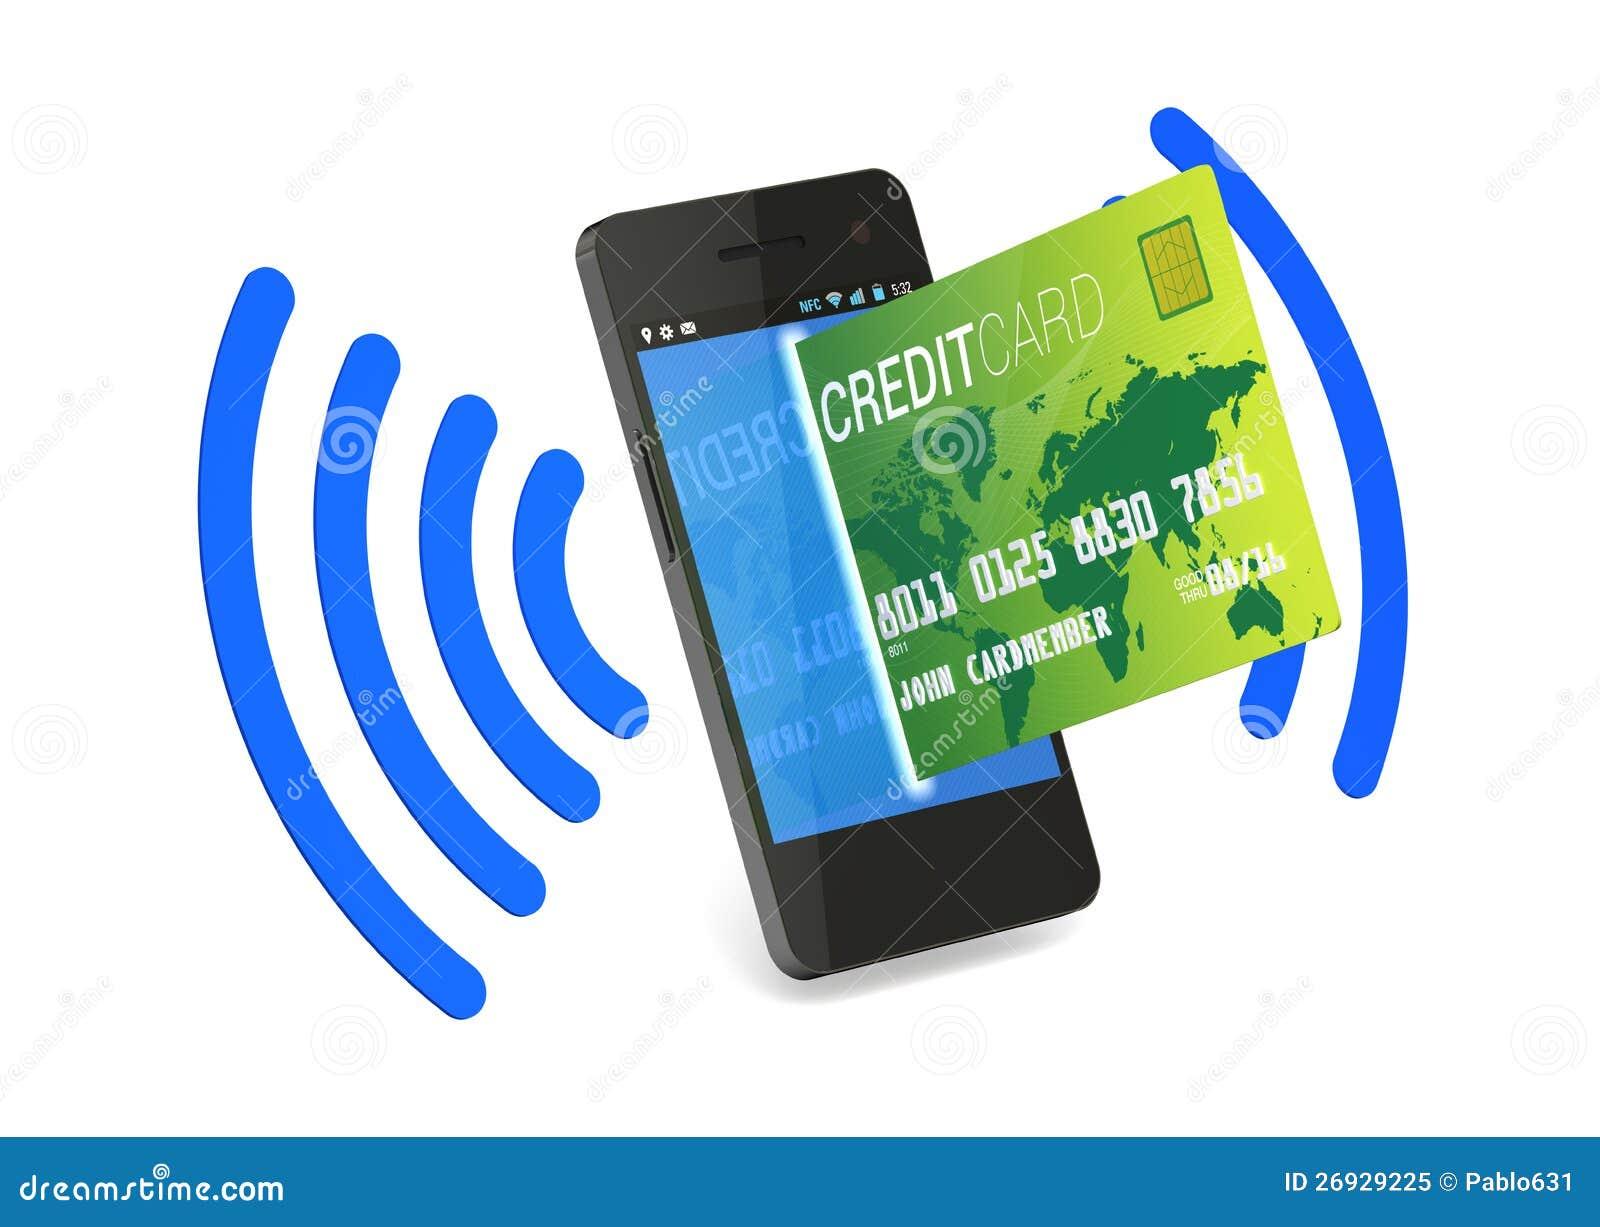 NFC Digital Kreditkarte